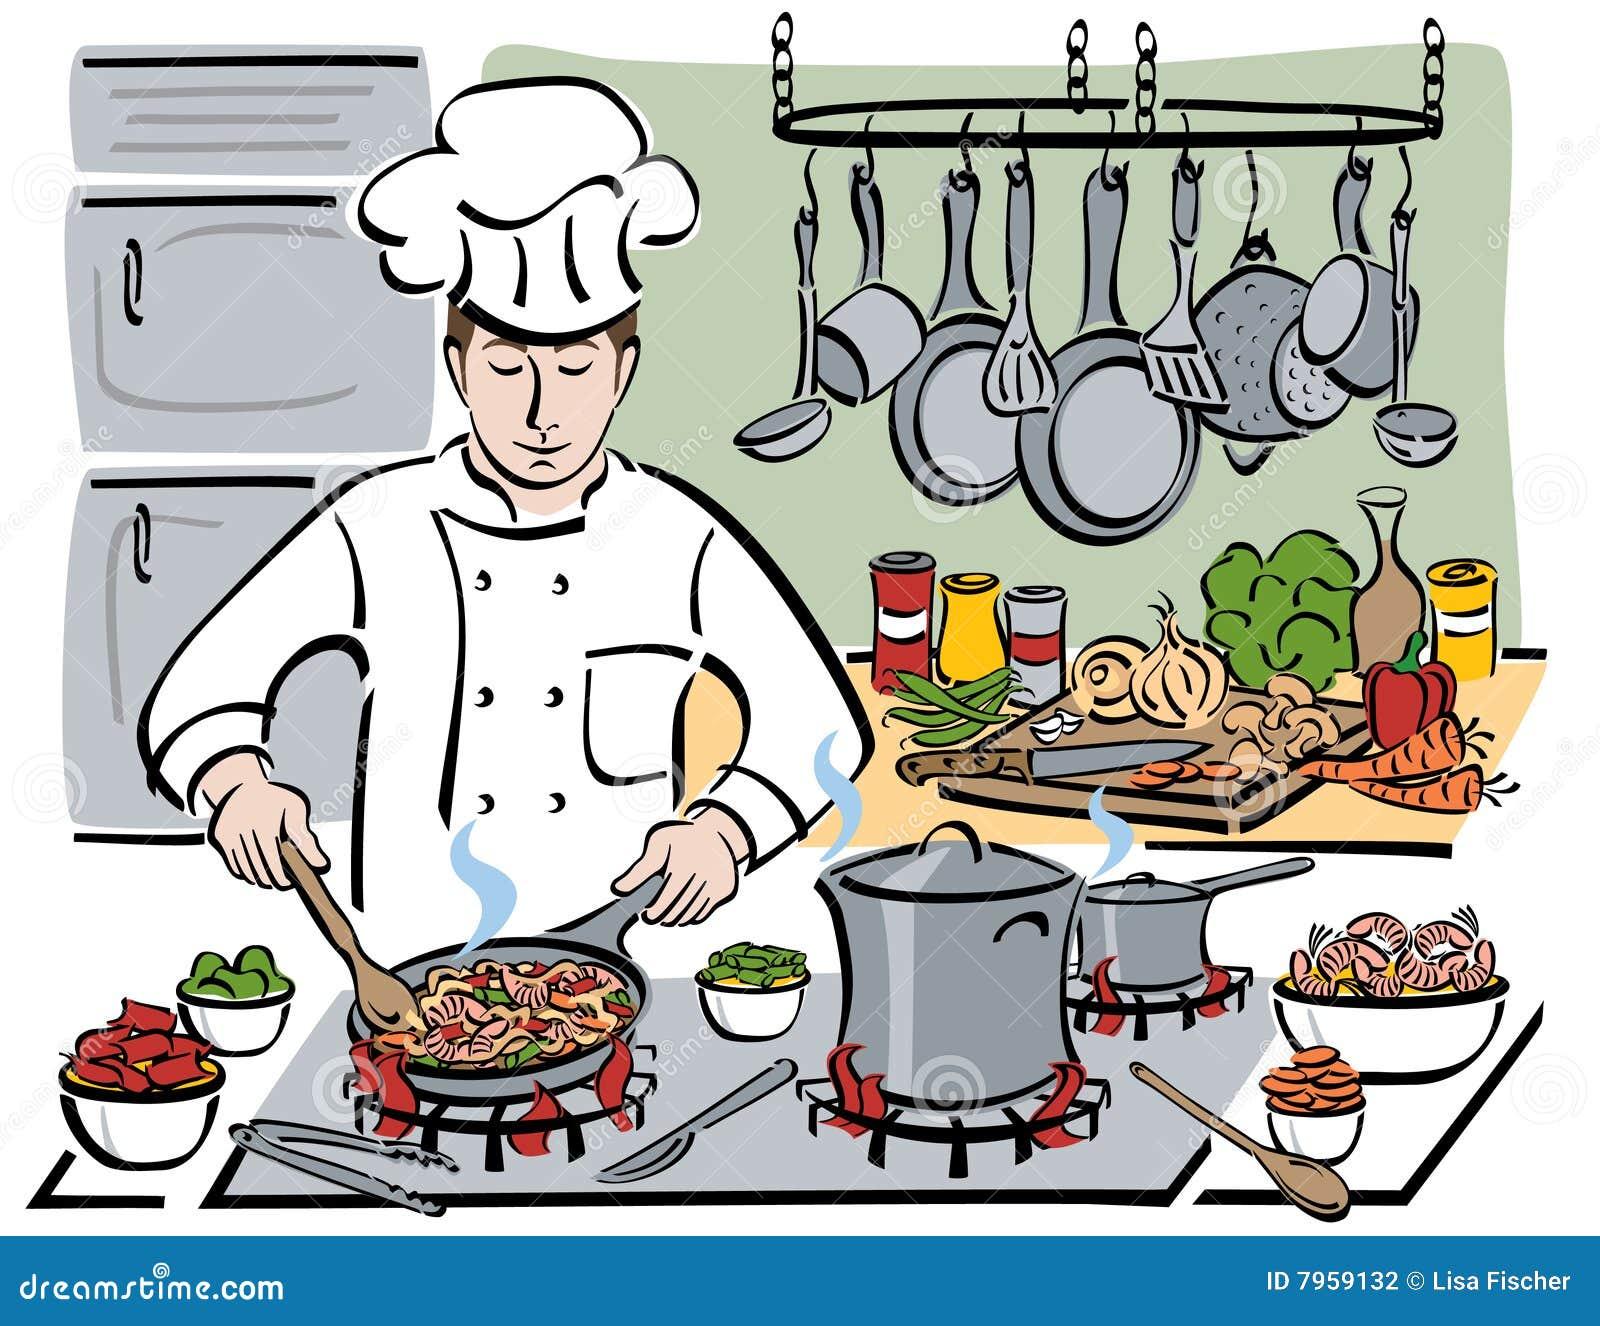 厨房用品简笔画大全内容图片展示_厨房用品简笔画图片